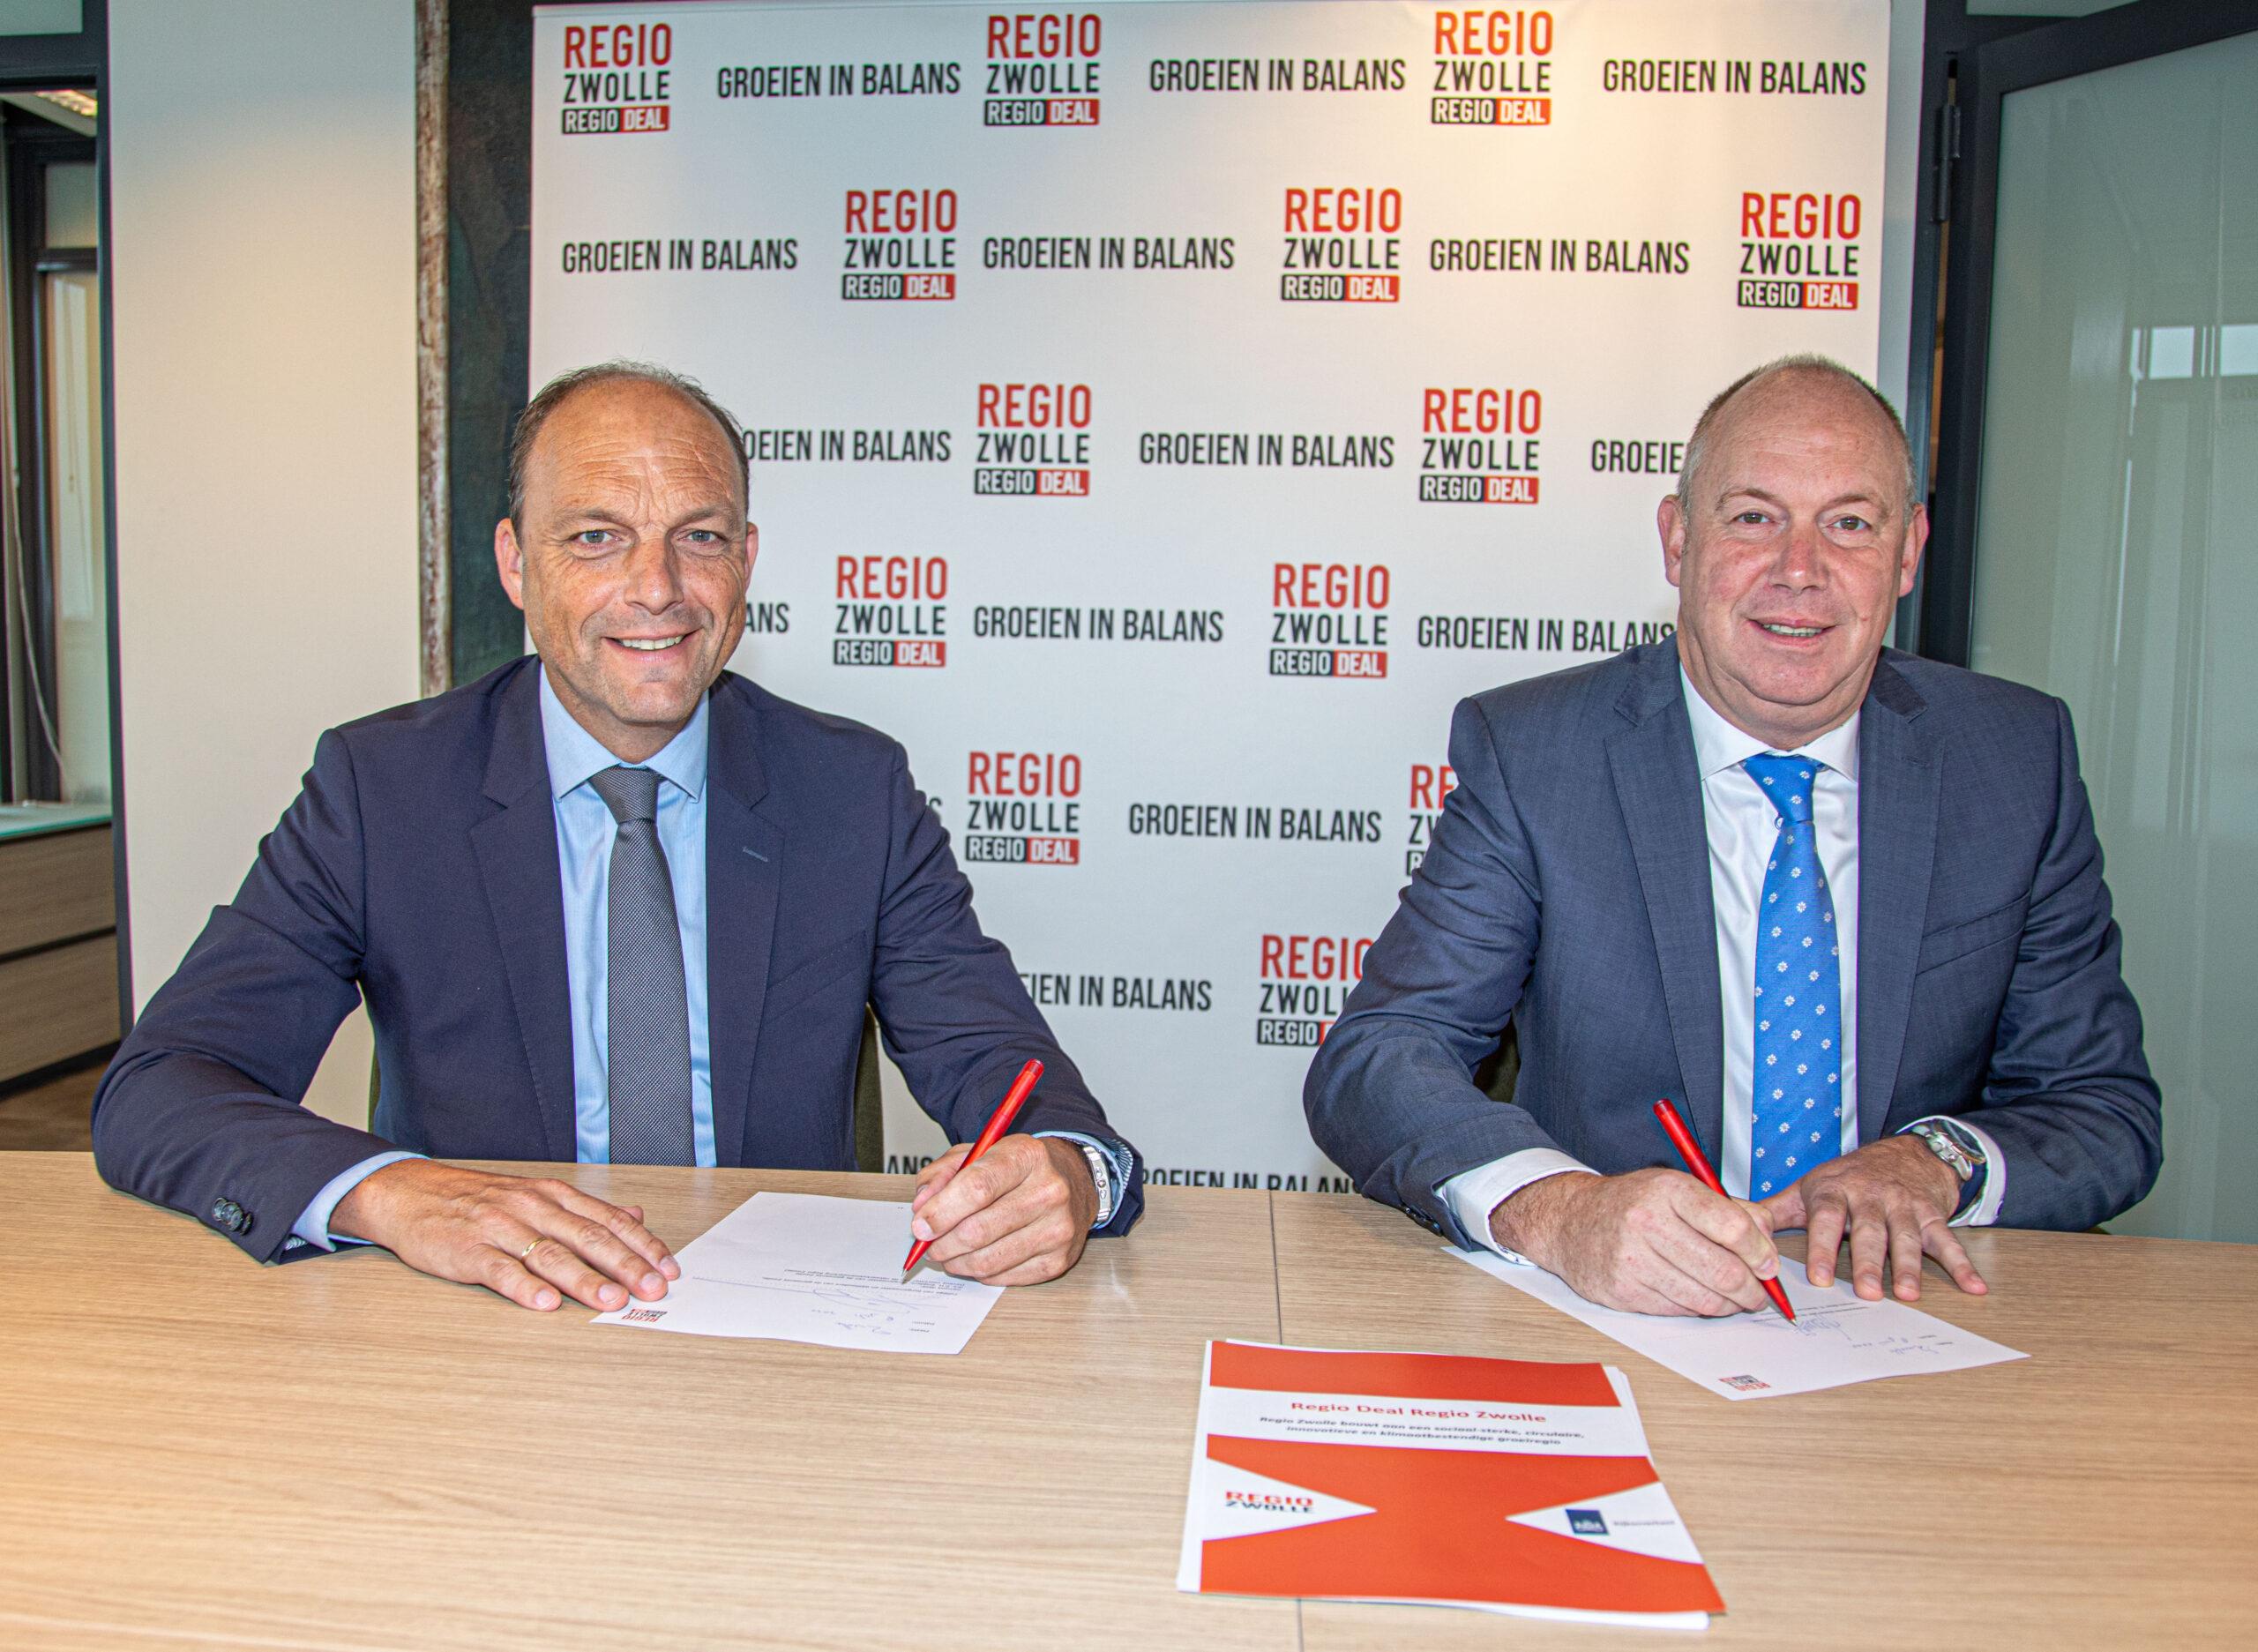 Photo of Miljoenenimpuls voor brede welvaart Regio Zwolle